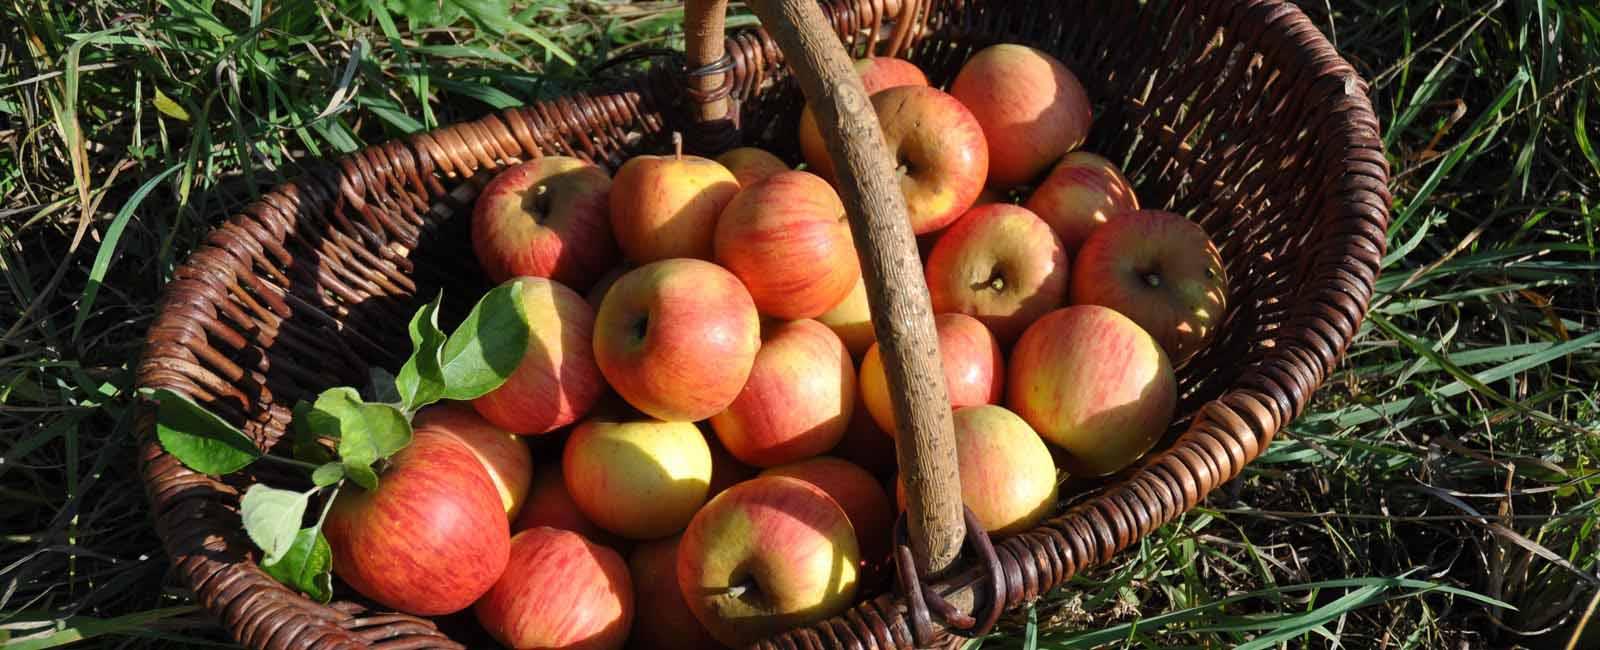 Pommes des alpes verger Arboriculture